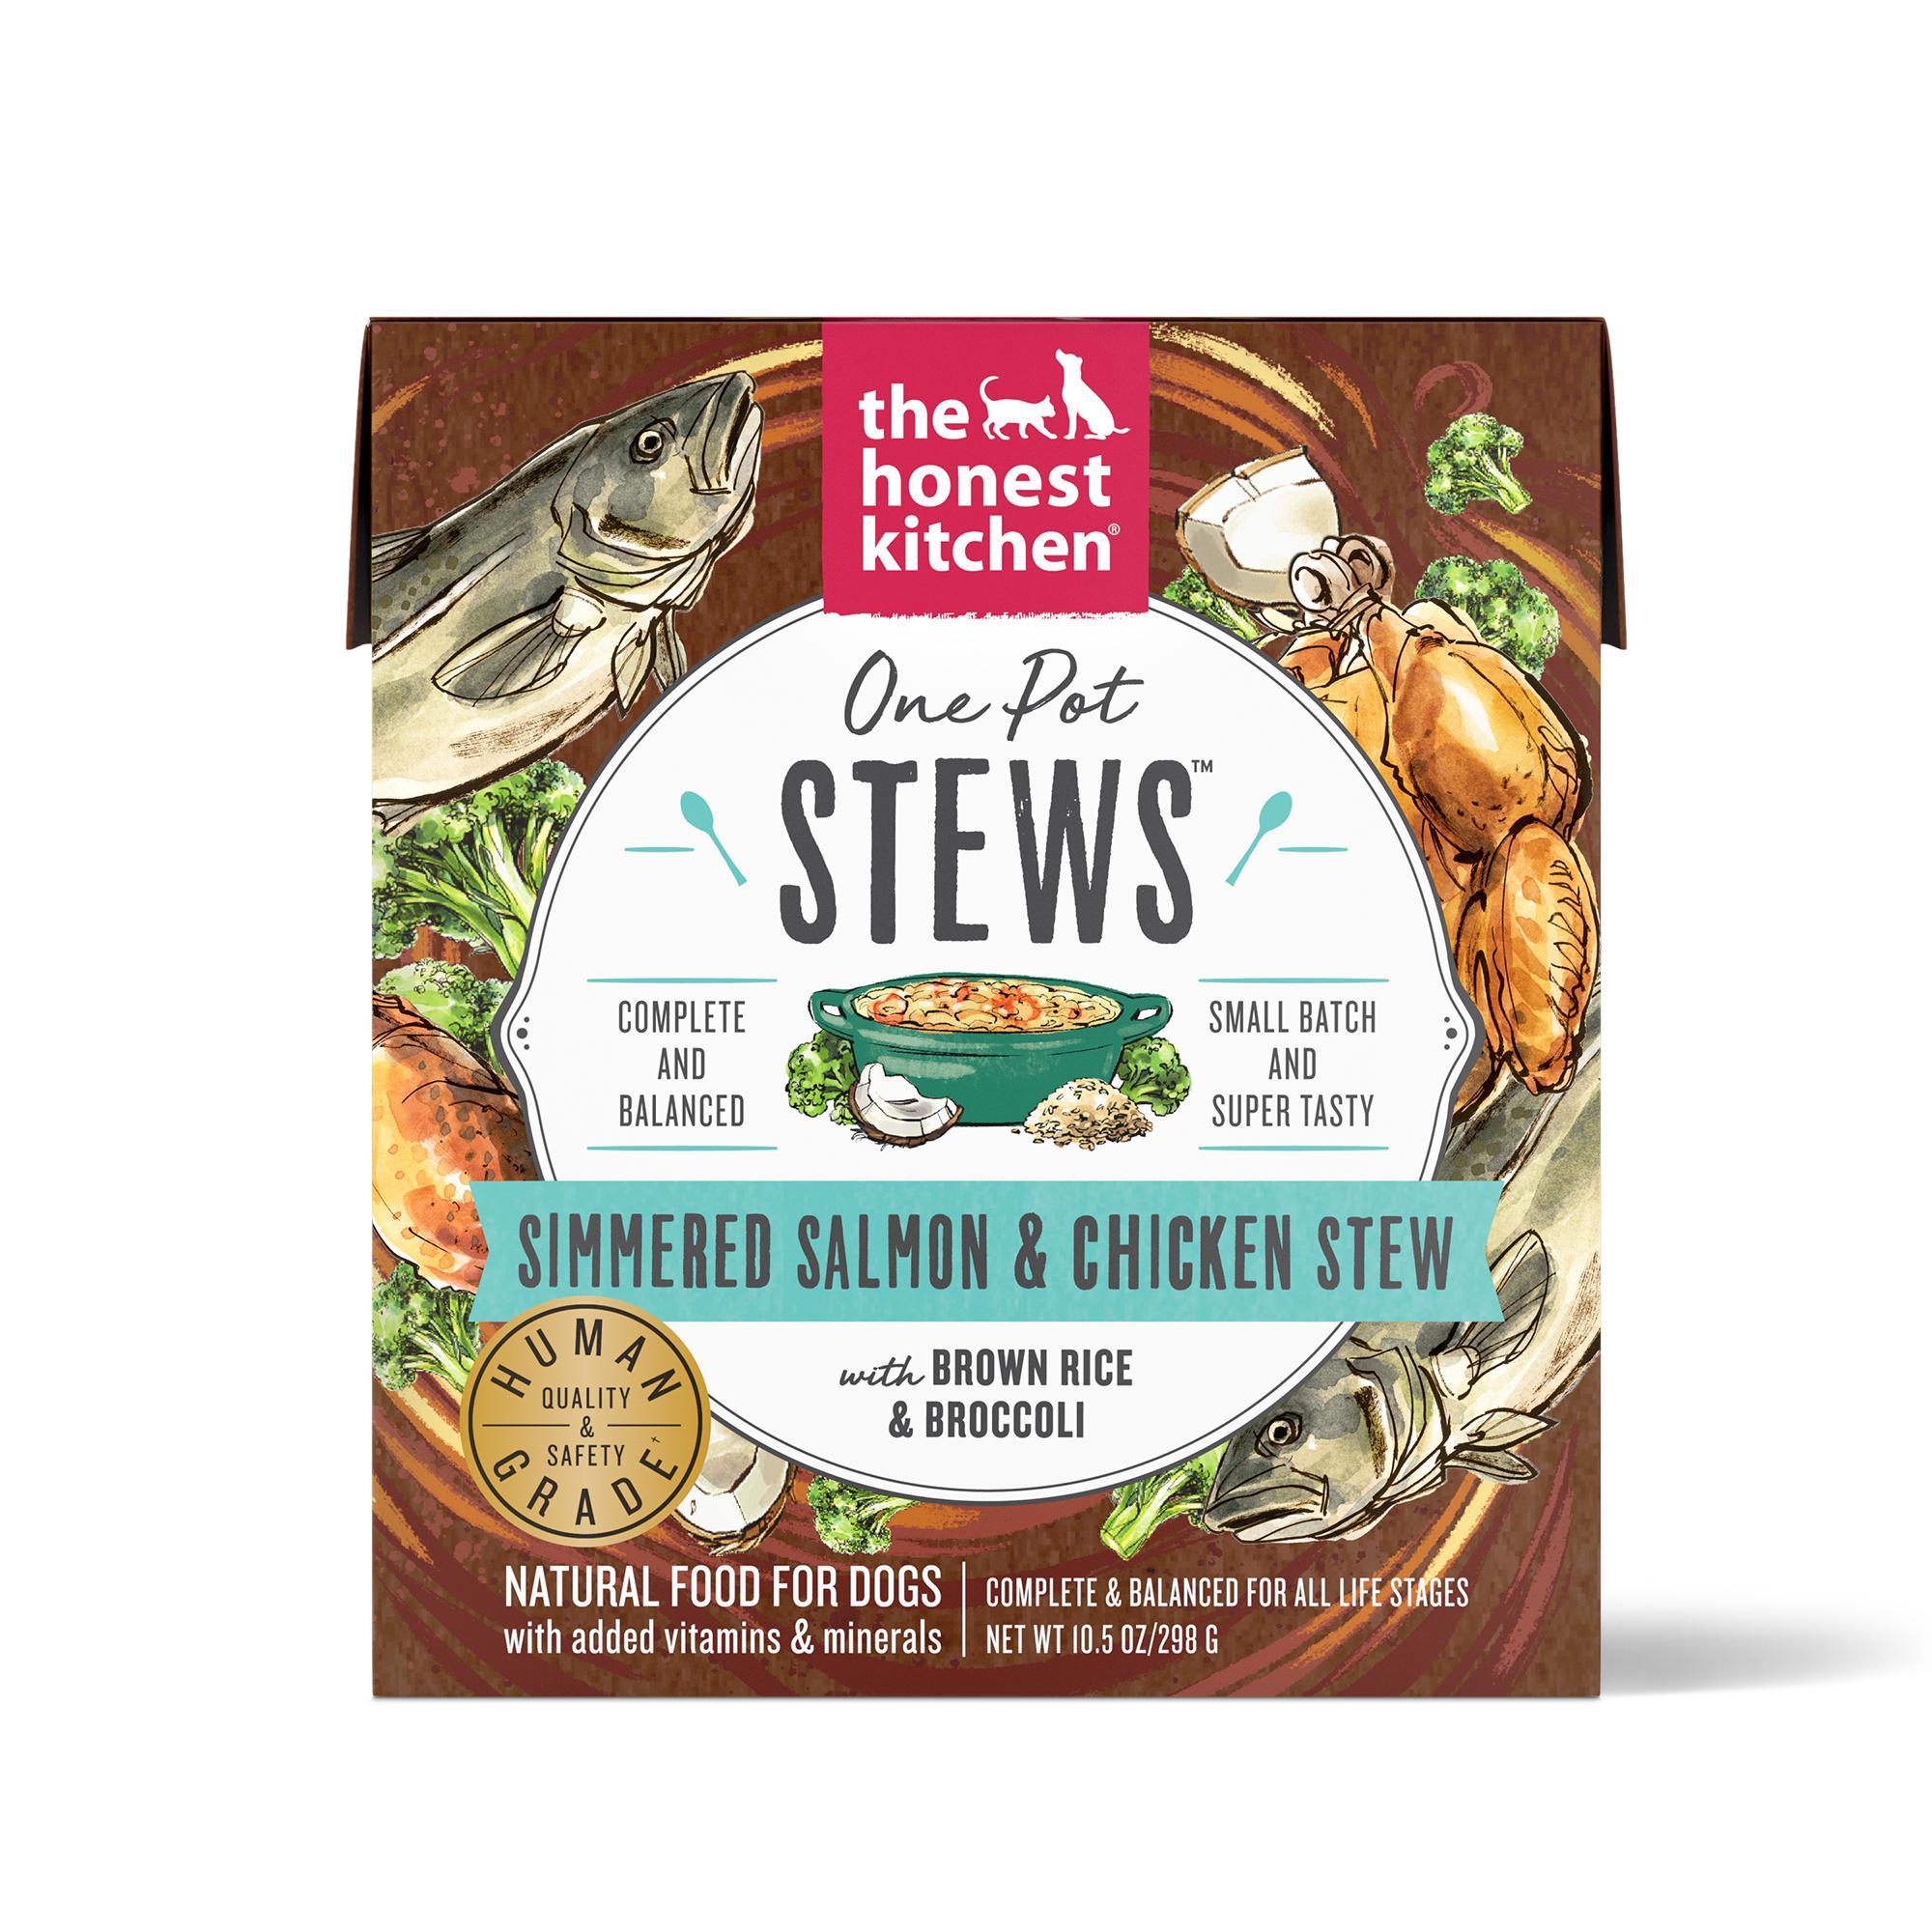 The Honest Kitchen One Pot Stew Simmered Salmon & Chicken Stew Wet Dog Food, 10.5-oz